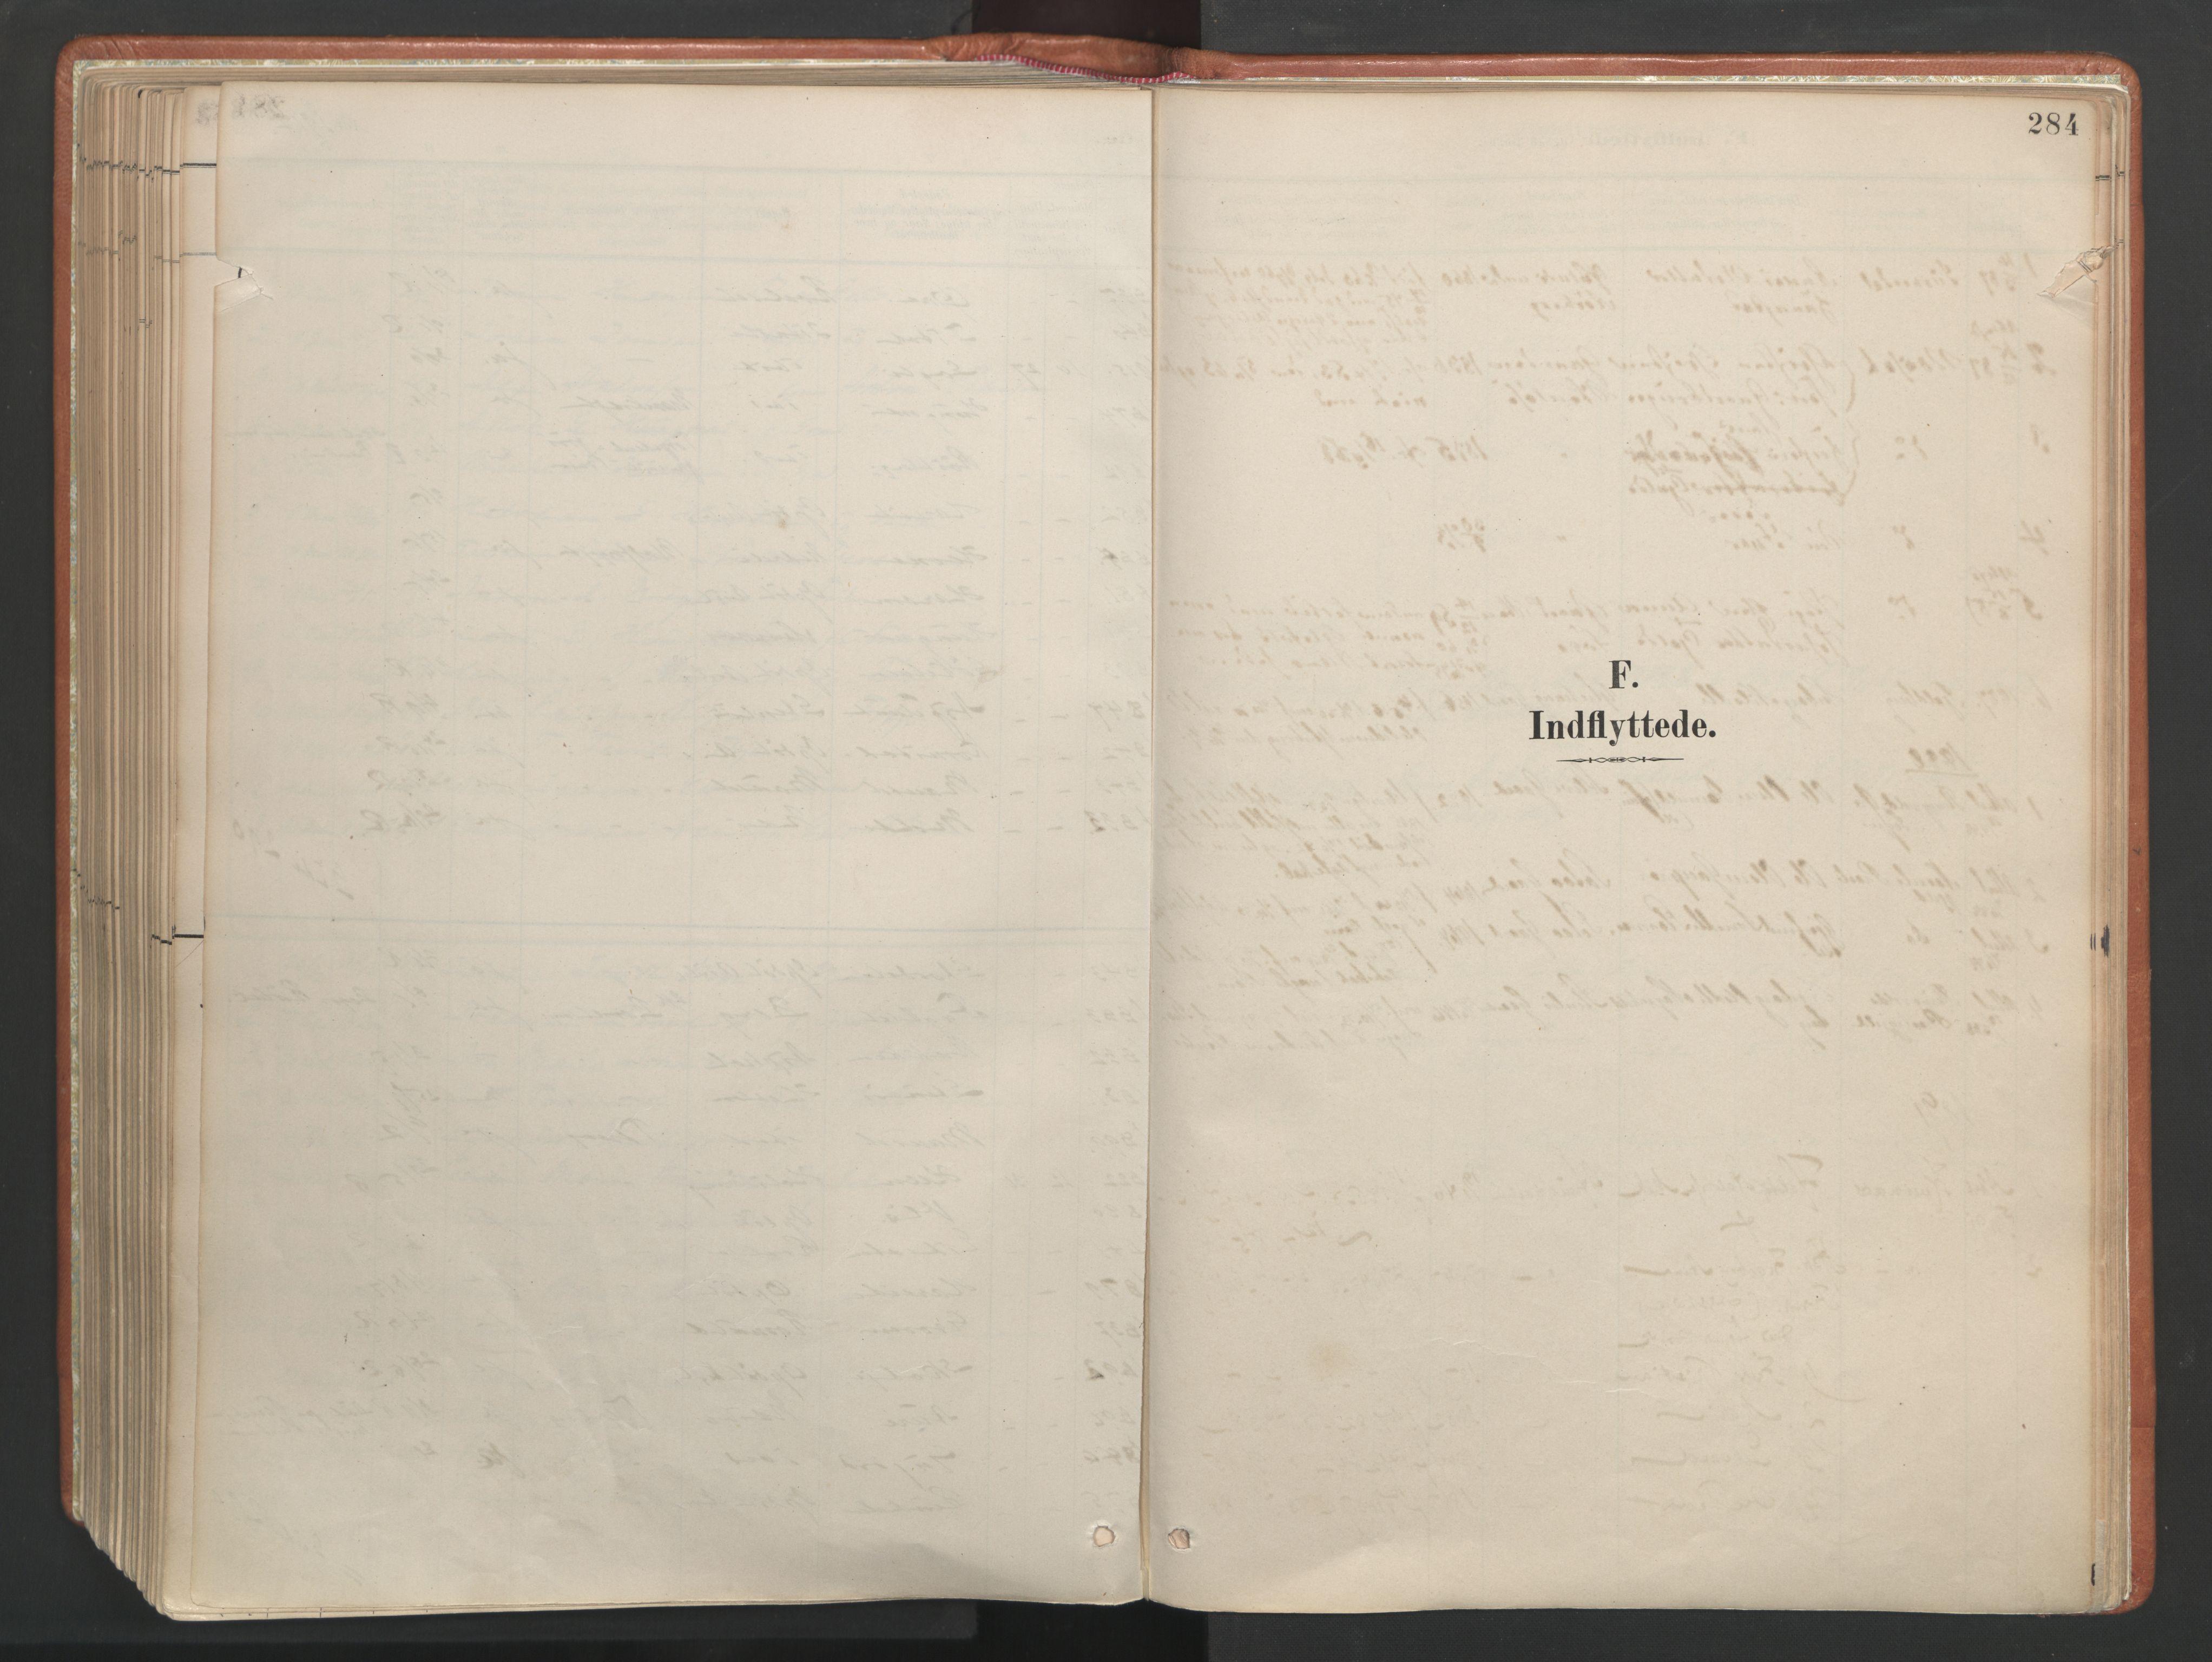 SAT, Ministerialprotokoller, klokkerbøker og fødselsregistre - Møre og Romsdal, 557/L0682: Ministerialbok nr. 557A04, 1887-1970, s. 284